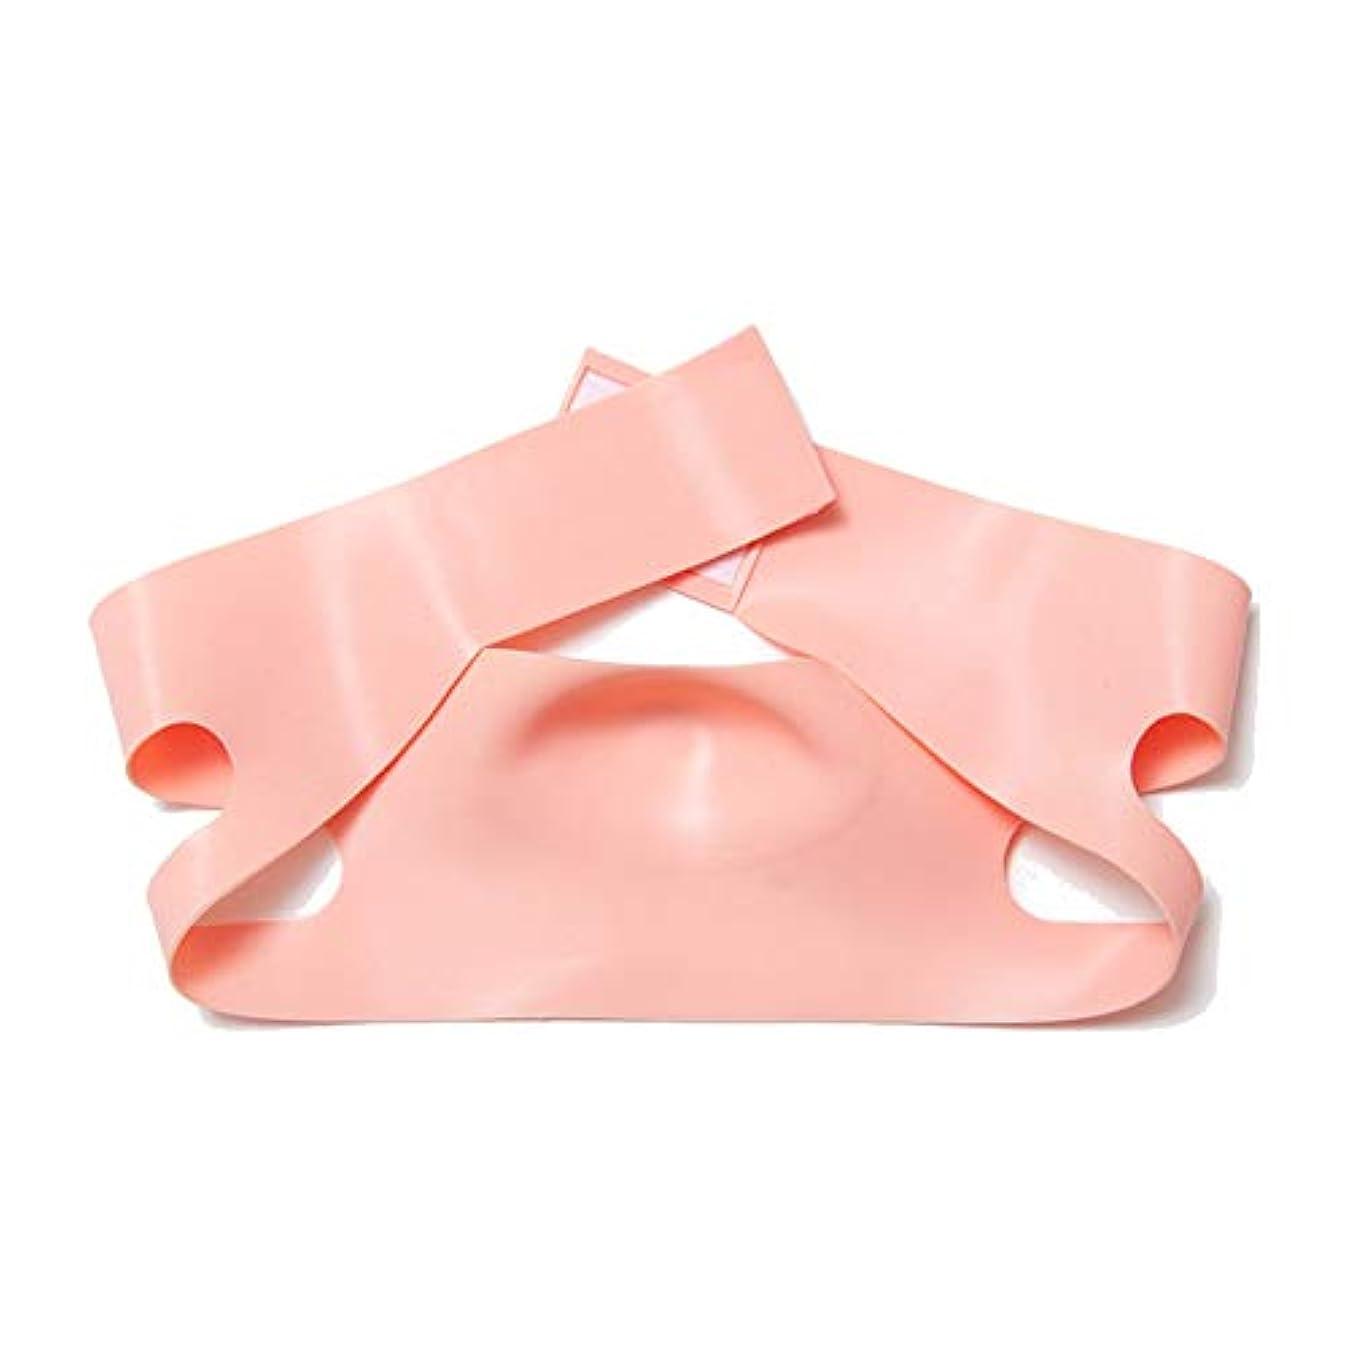 モスブラシ上下するTLMY 薄いフェイスマスクあご付きシリコーンVマスクマスク強い包帯V顔アーティファクト小さなV顔包帯フェイシャルとネックリフト 顔用整形マスク